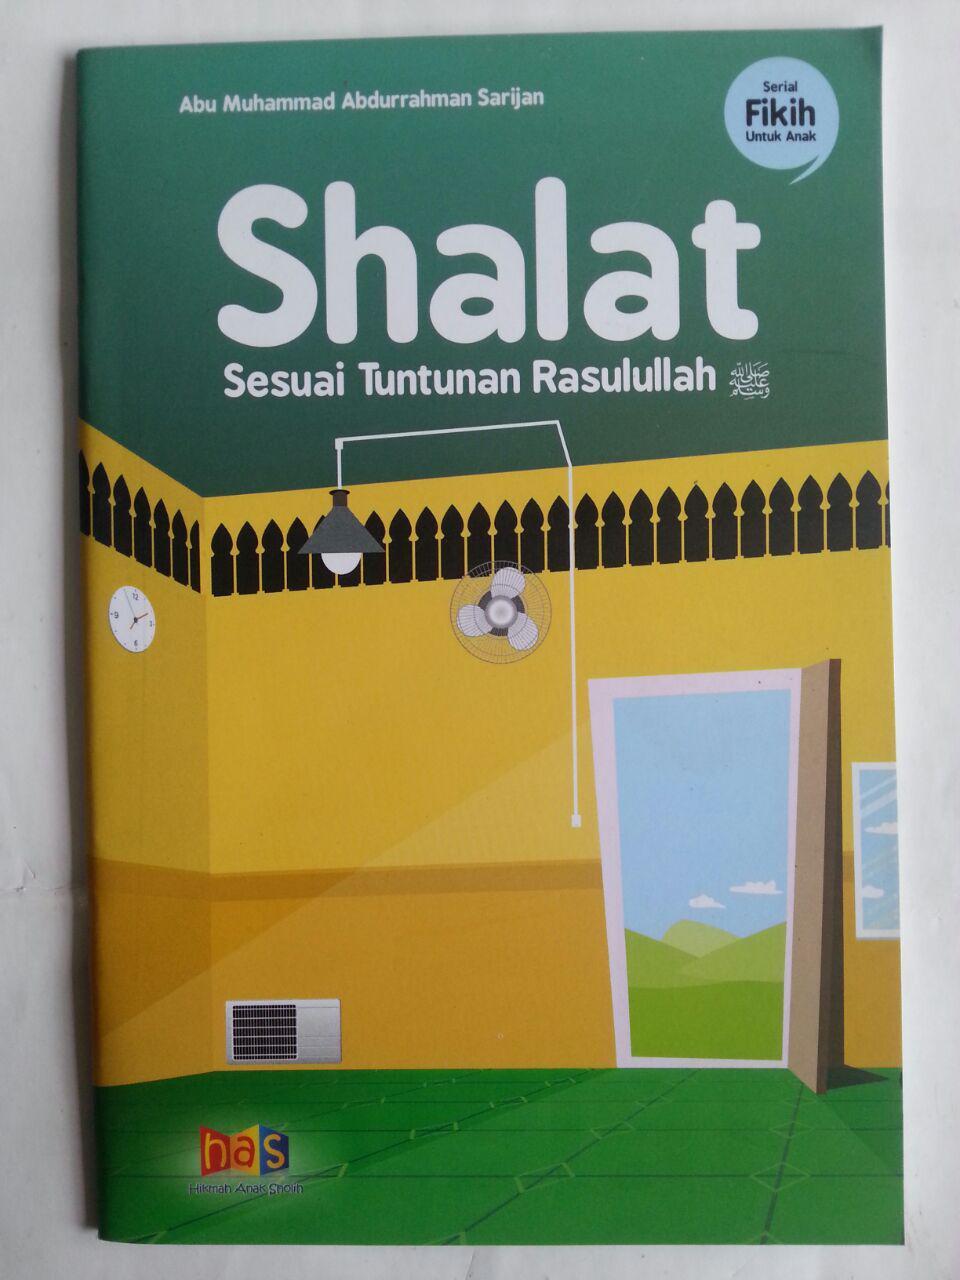 Buku Anak Shalat Sesuai Tuntunan Rasulullah cover 2